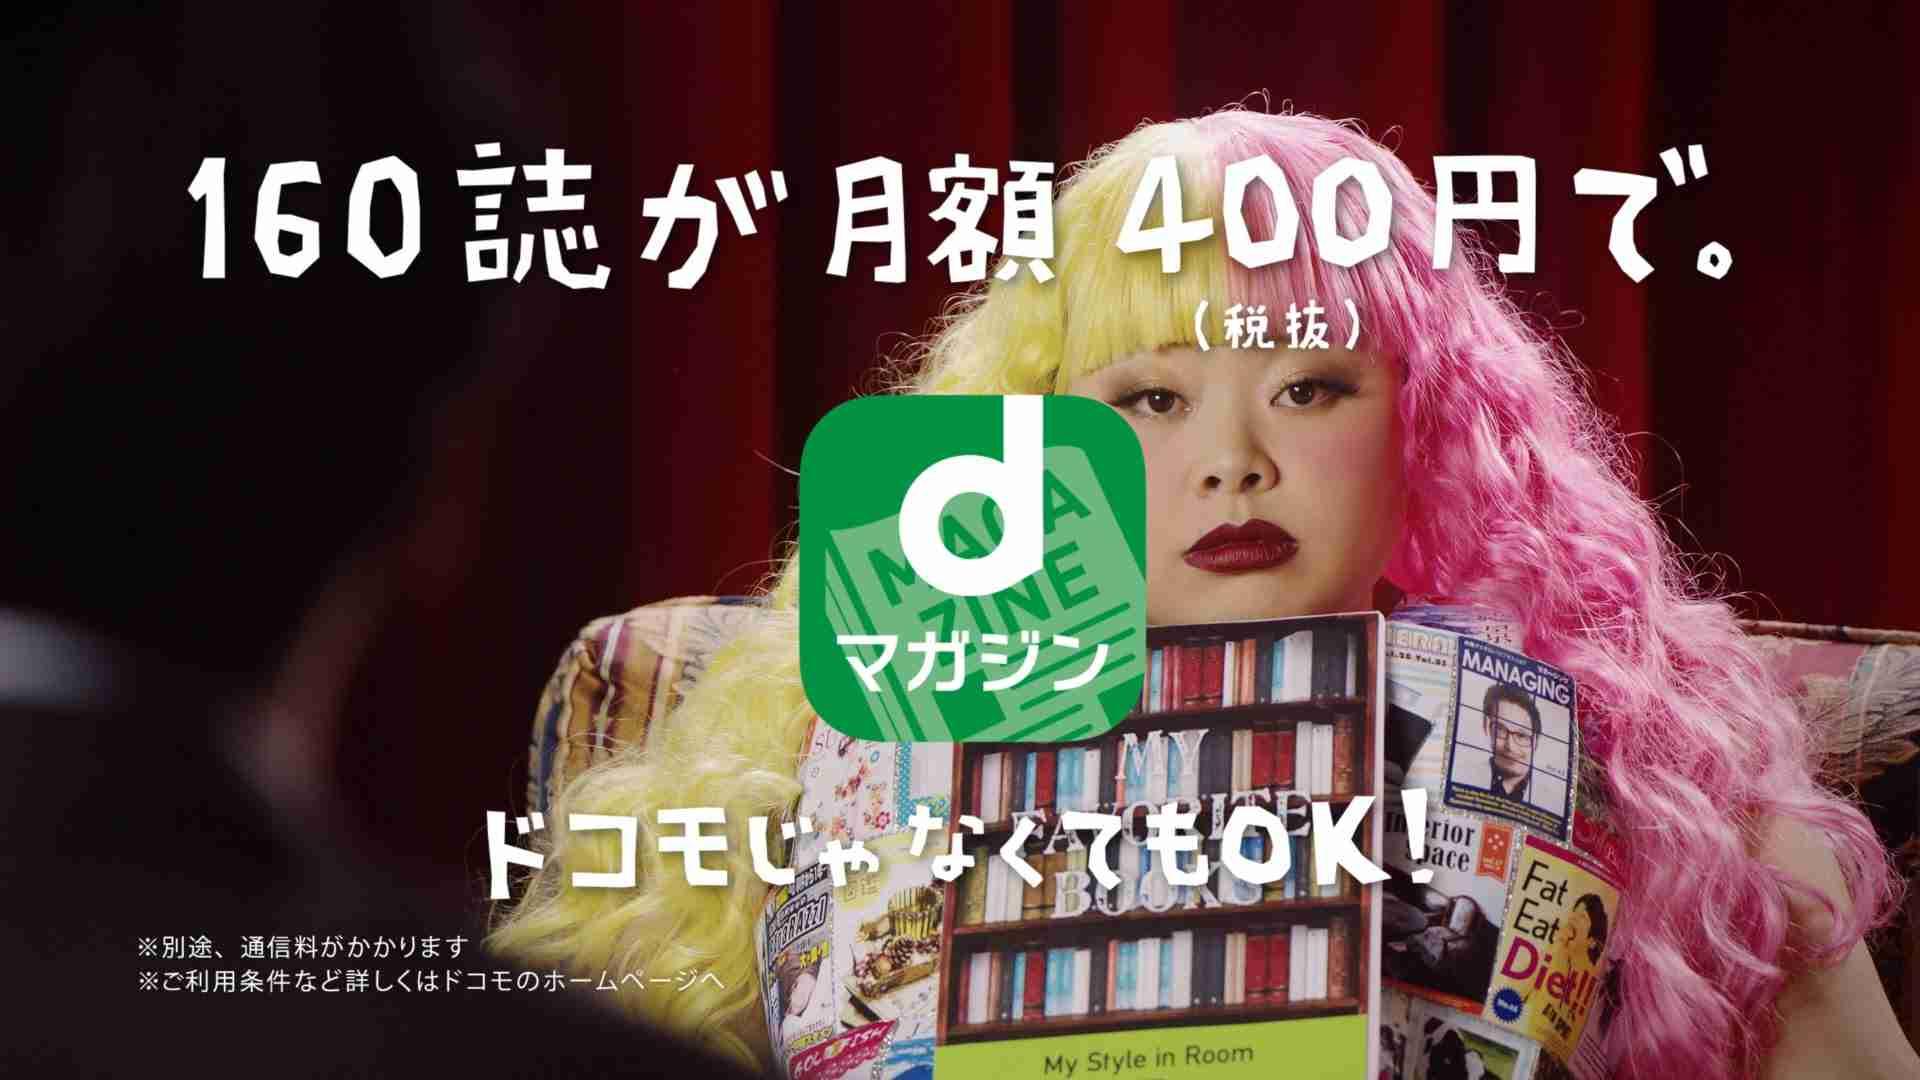 dマガジン「インタビュー」篇 - YouTube